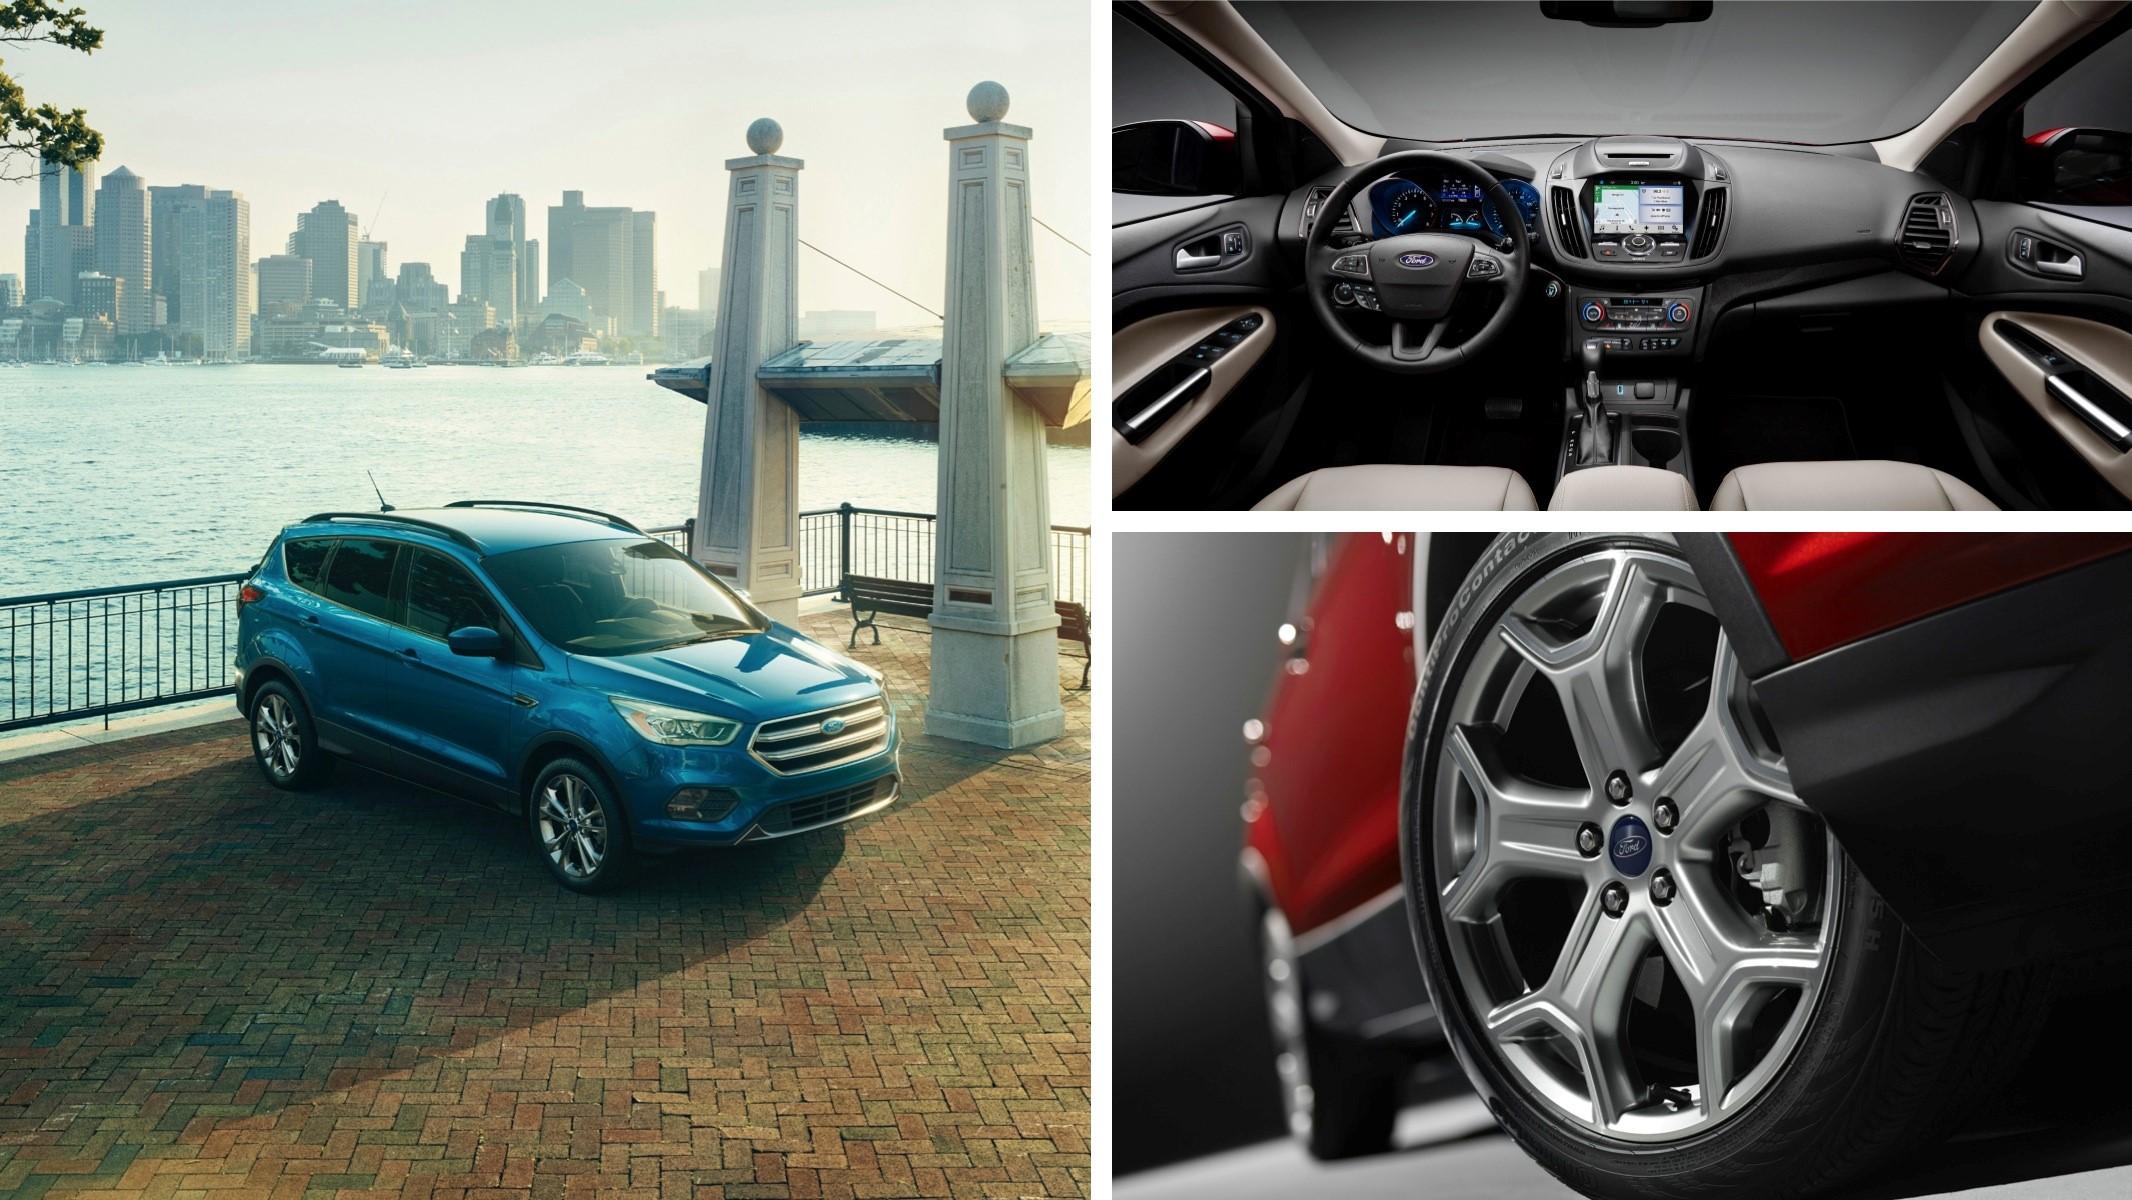 2017 Ford Escape Image Collage